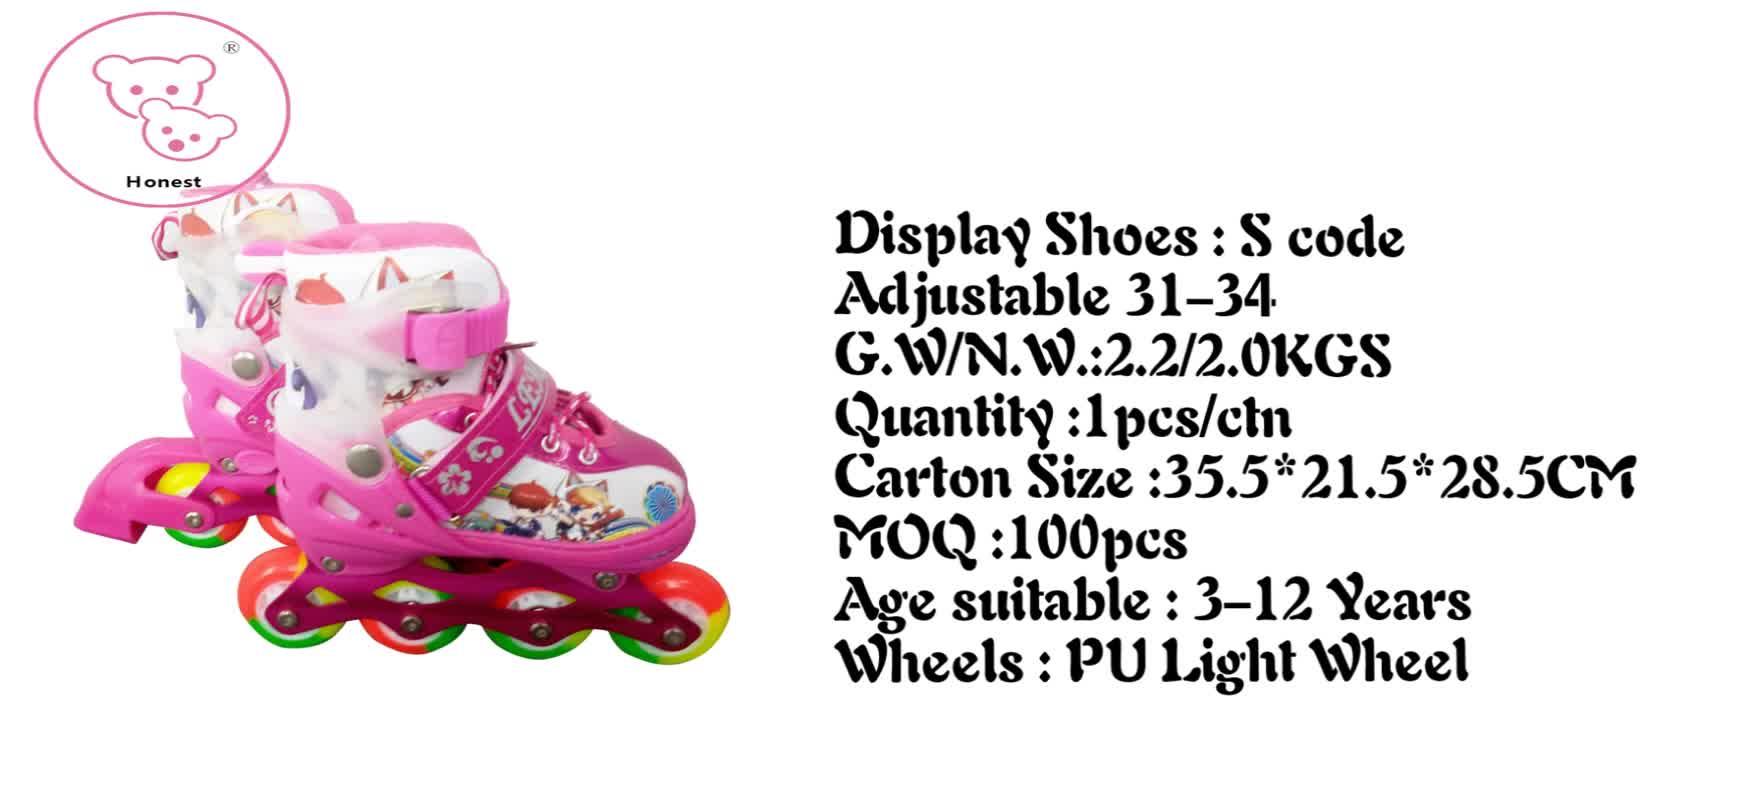 Professional pu light wheel adjustable kids inline roller skate shoes